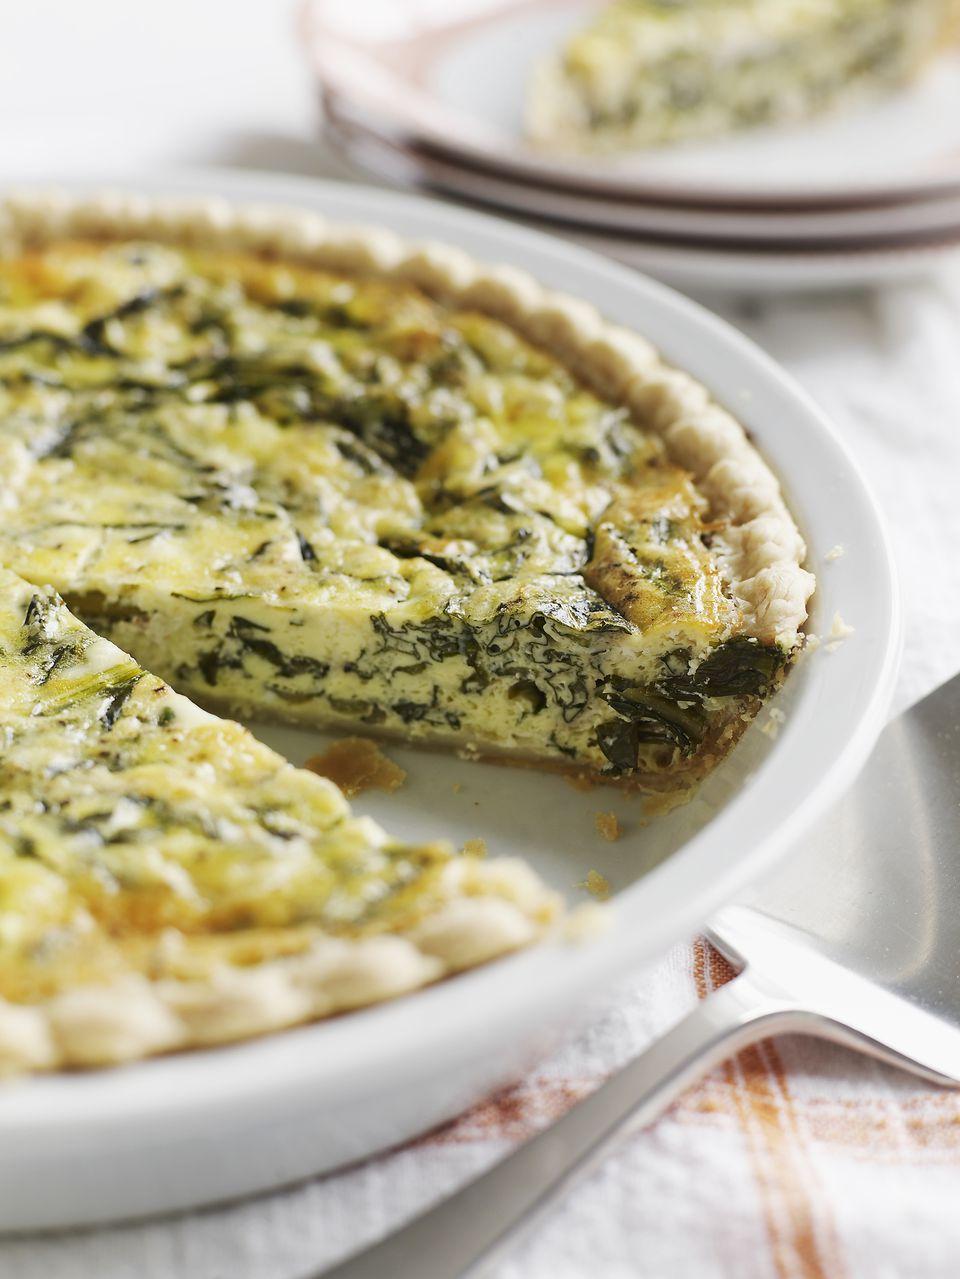 Gluten-free spinach quiche